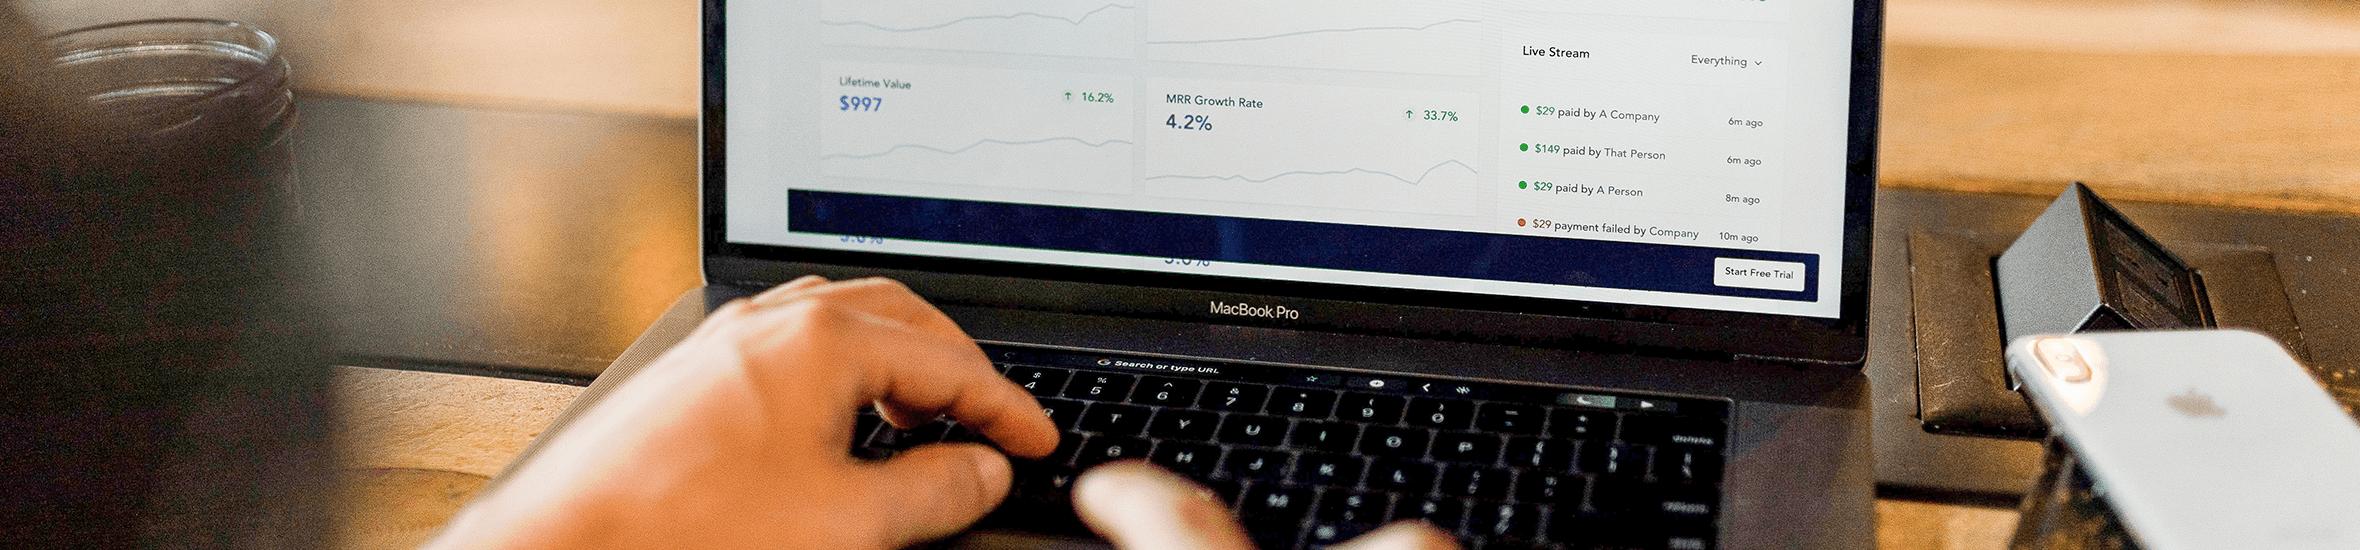 Commerçants : faire face à la crise grâce au numérique.